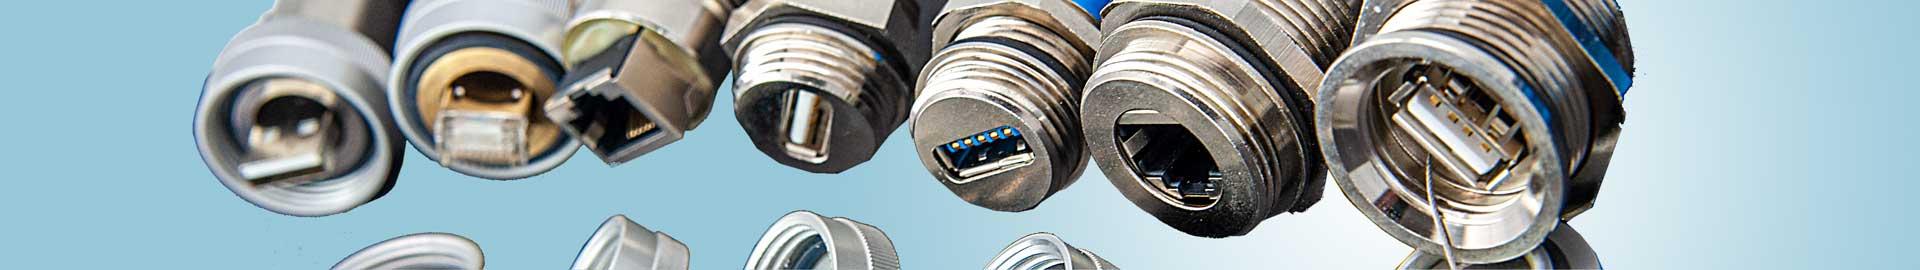 USB-Schnittstellen, RJ-Steckverbindungen und FireWire